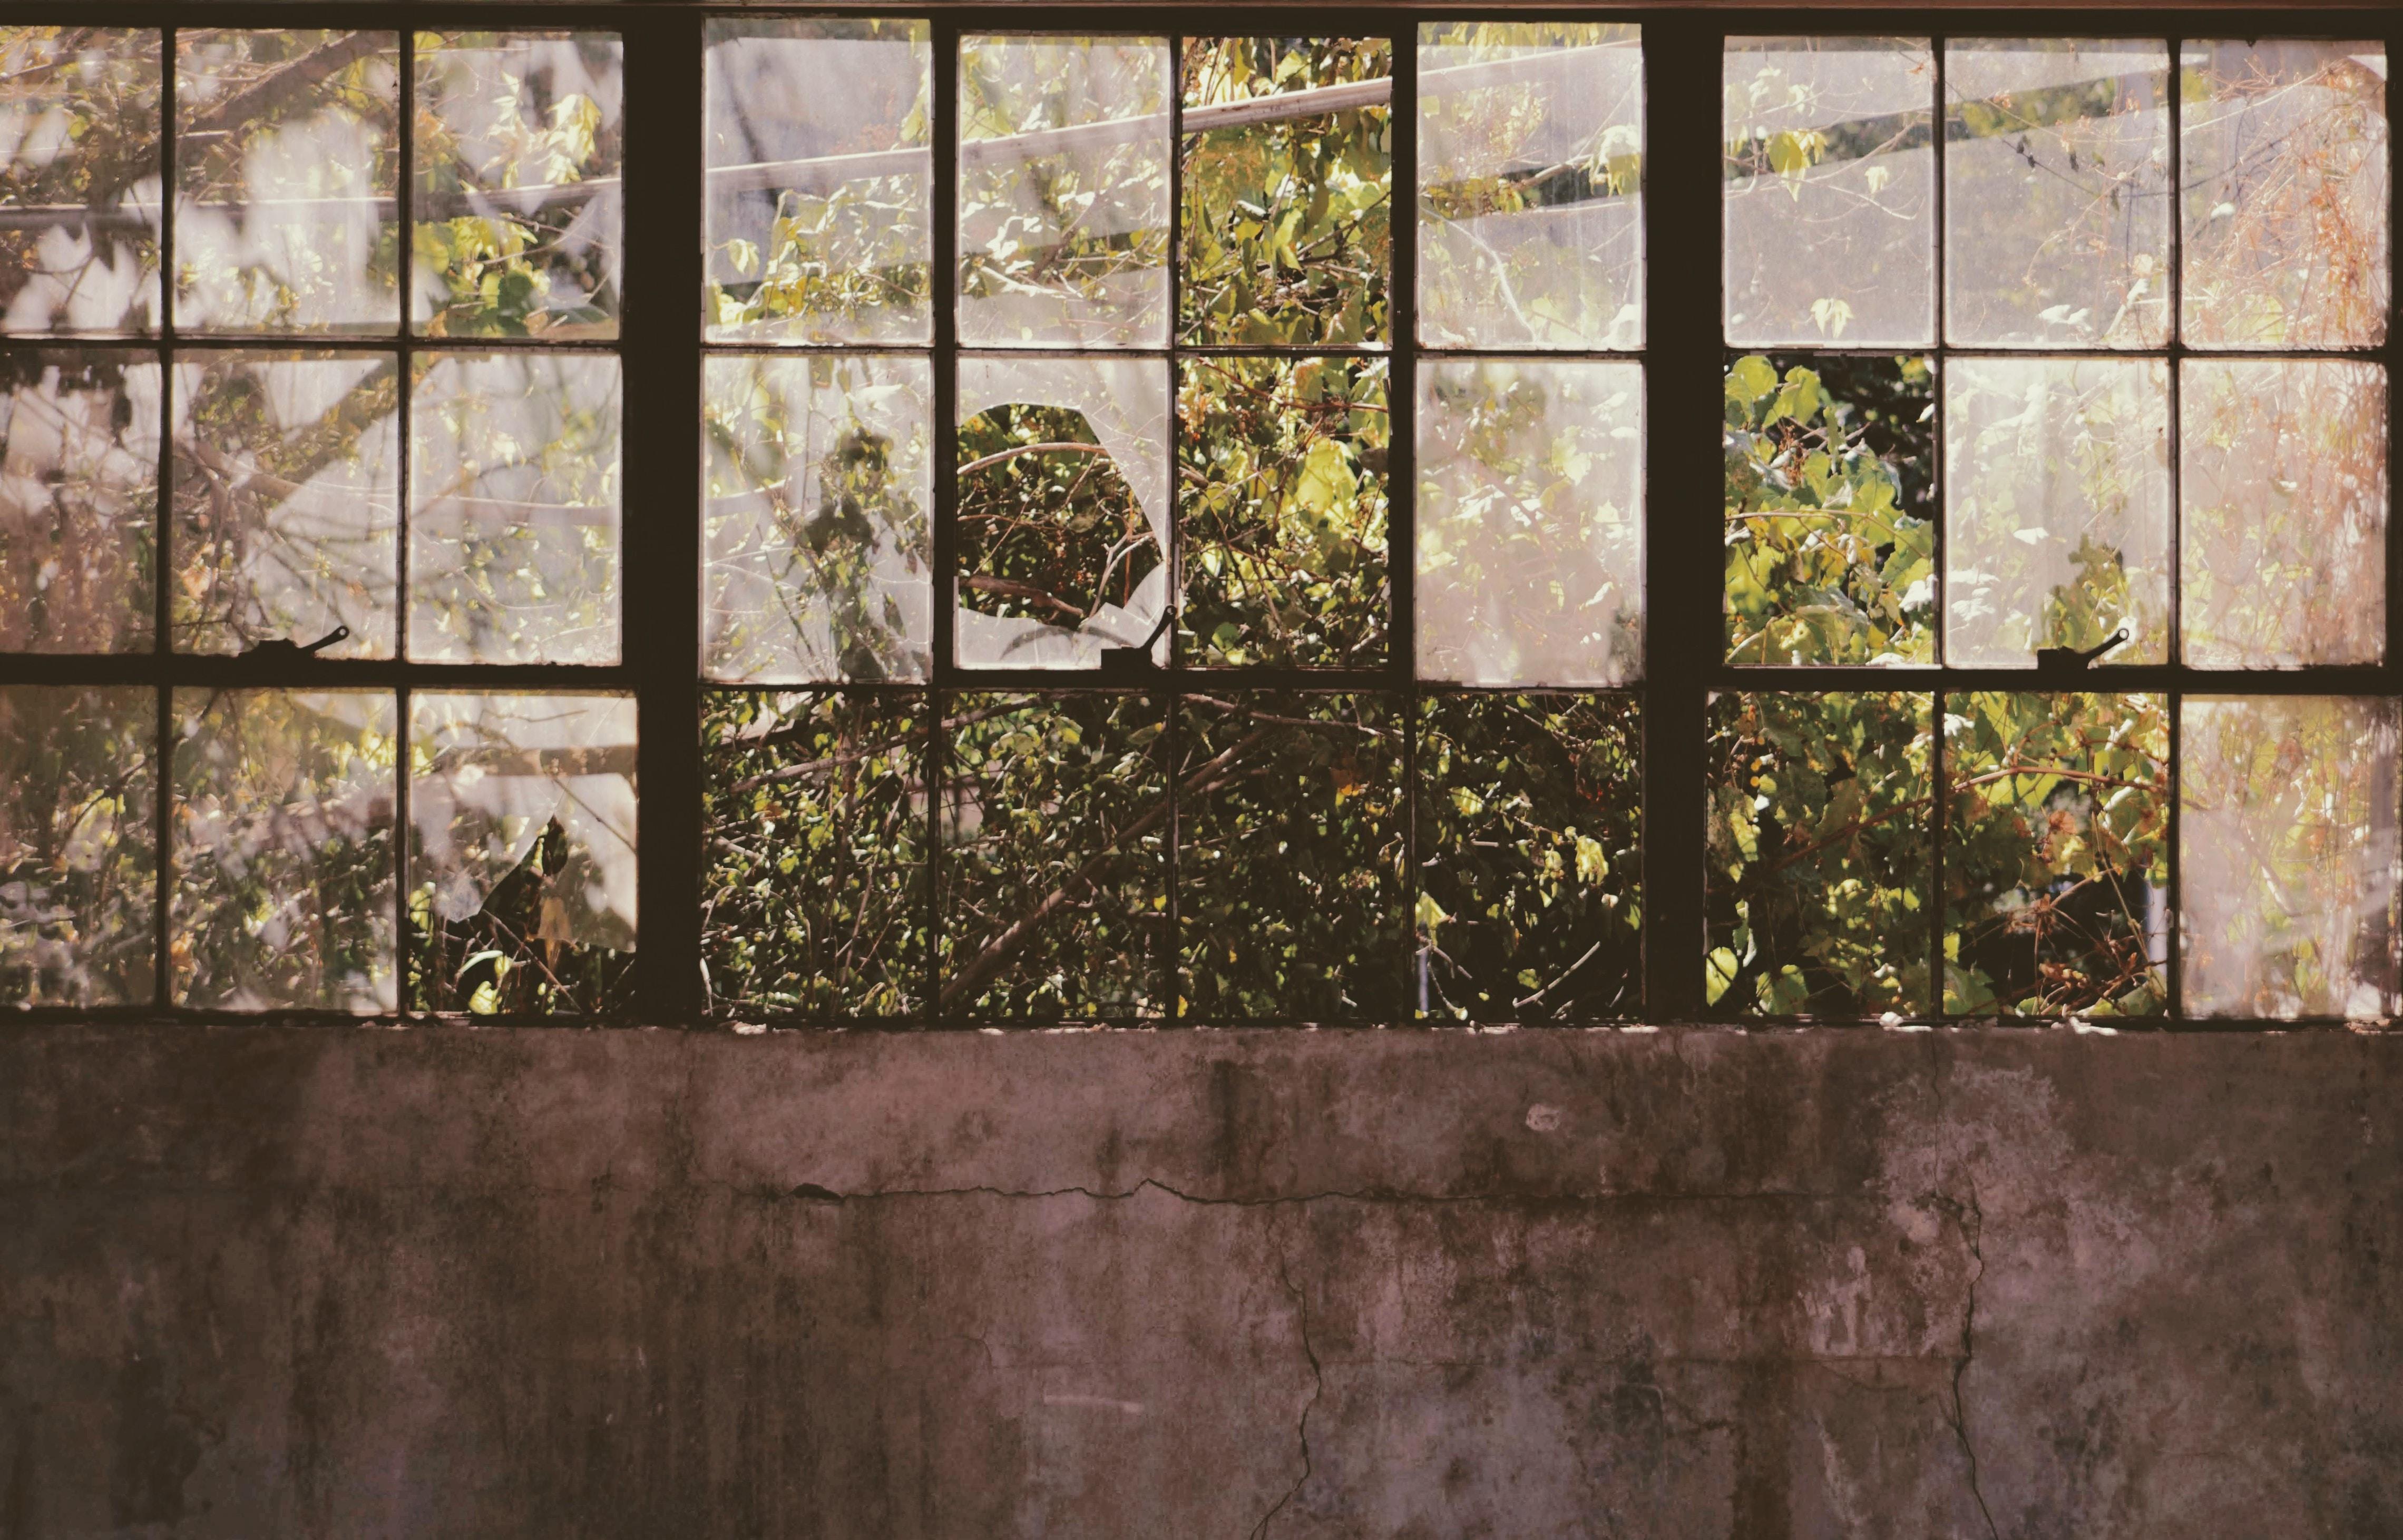 open window near tree